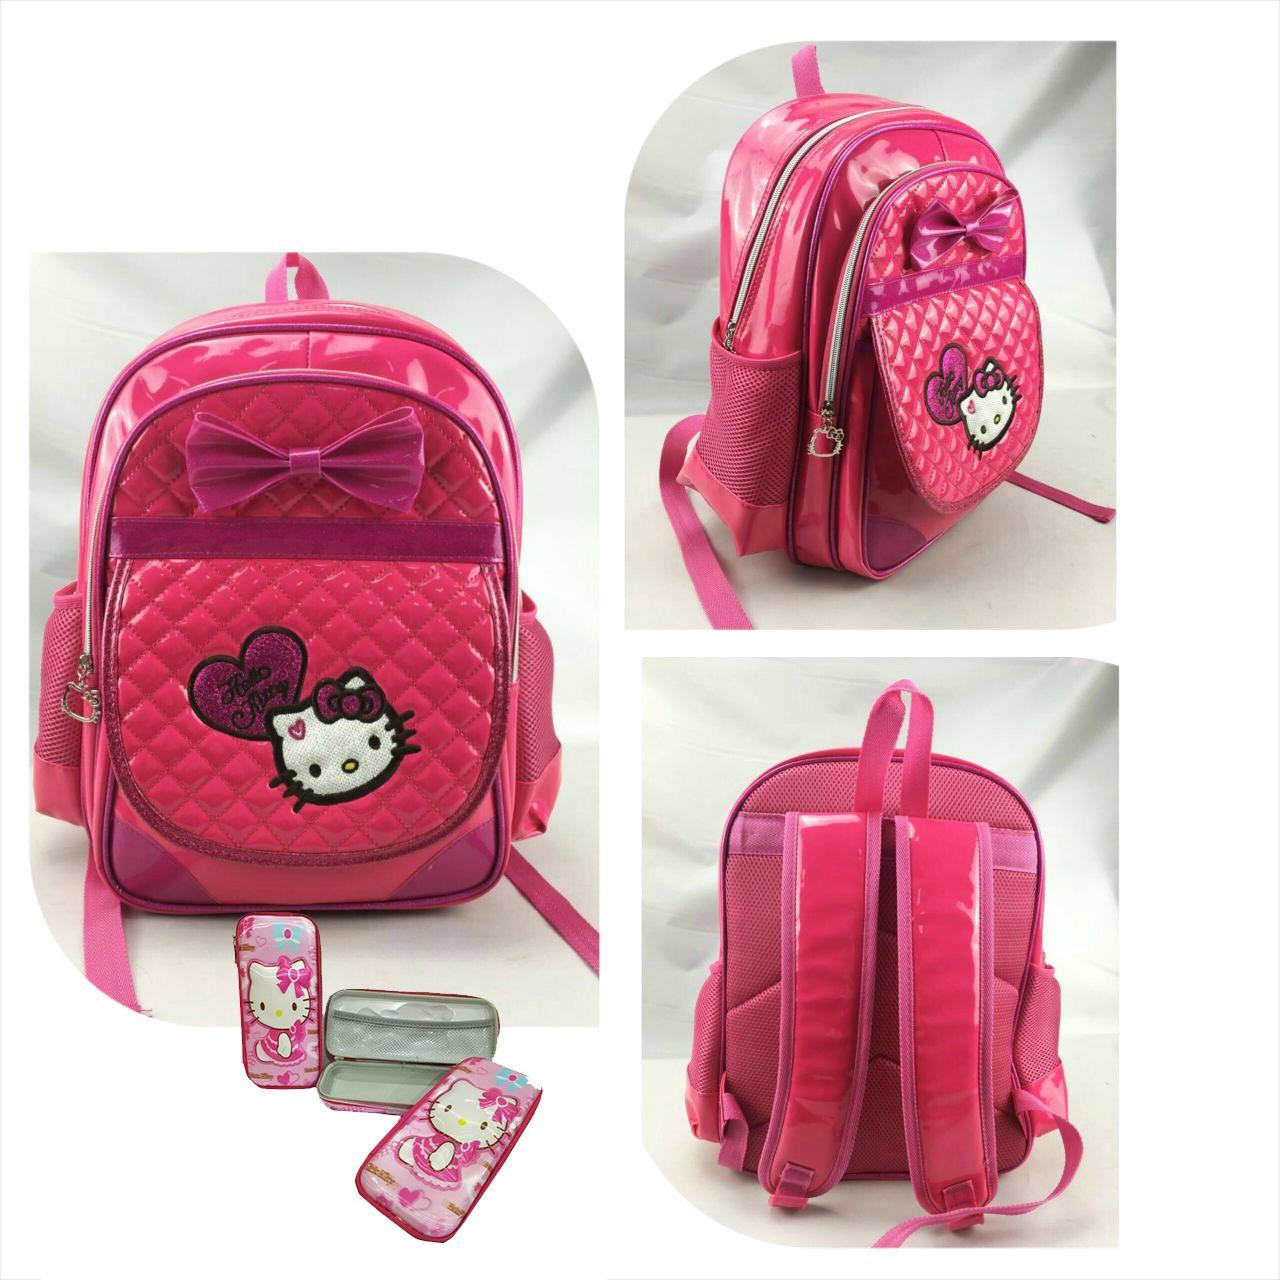 Jual Beli Onlan Tas Ransel Anak Perempuan Ukuran Sd Import Dan Kotak Pensil Timbul Pink